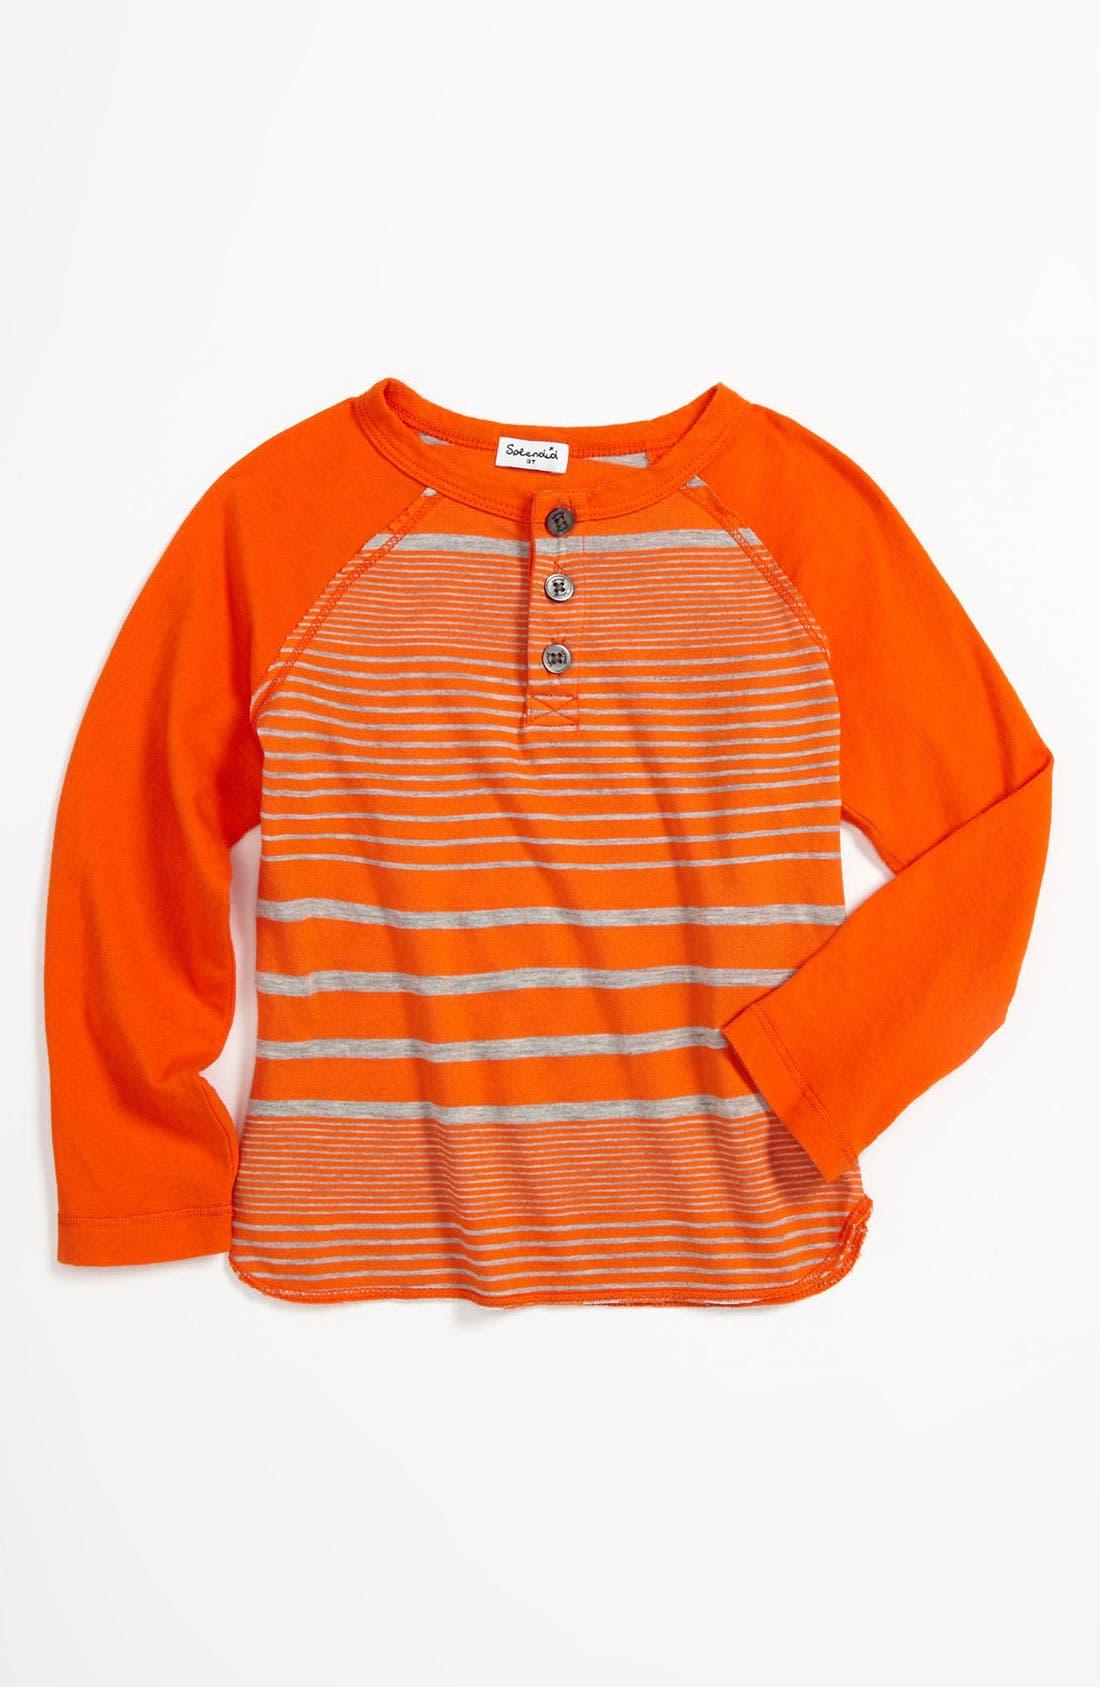 Alternate Image 1 Selected - Splendid Long Sleeve T-Shirt (Toddler)